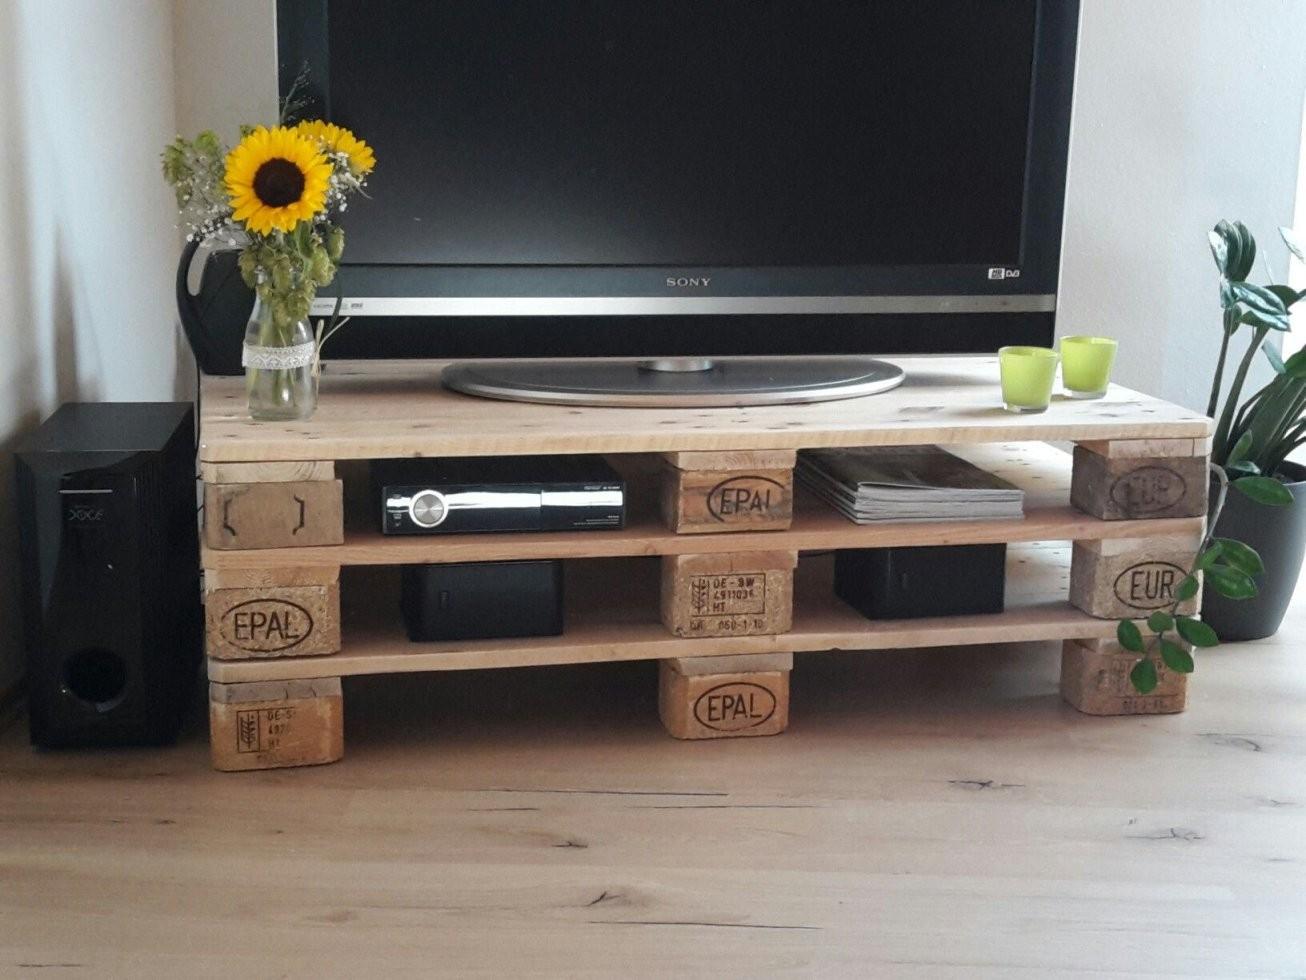 Fernsehtisch Aus Paletten Selbst Gemacht  Decoration In 2019 von Tv Lowboard Selber Bauen Bauanleitung Photo